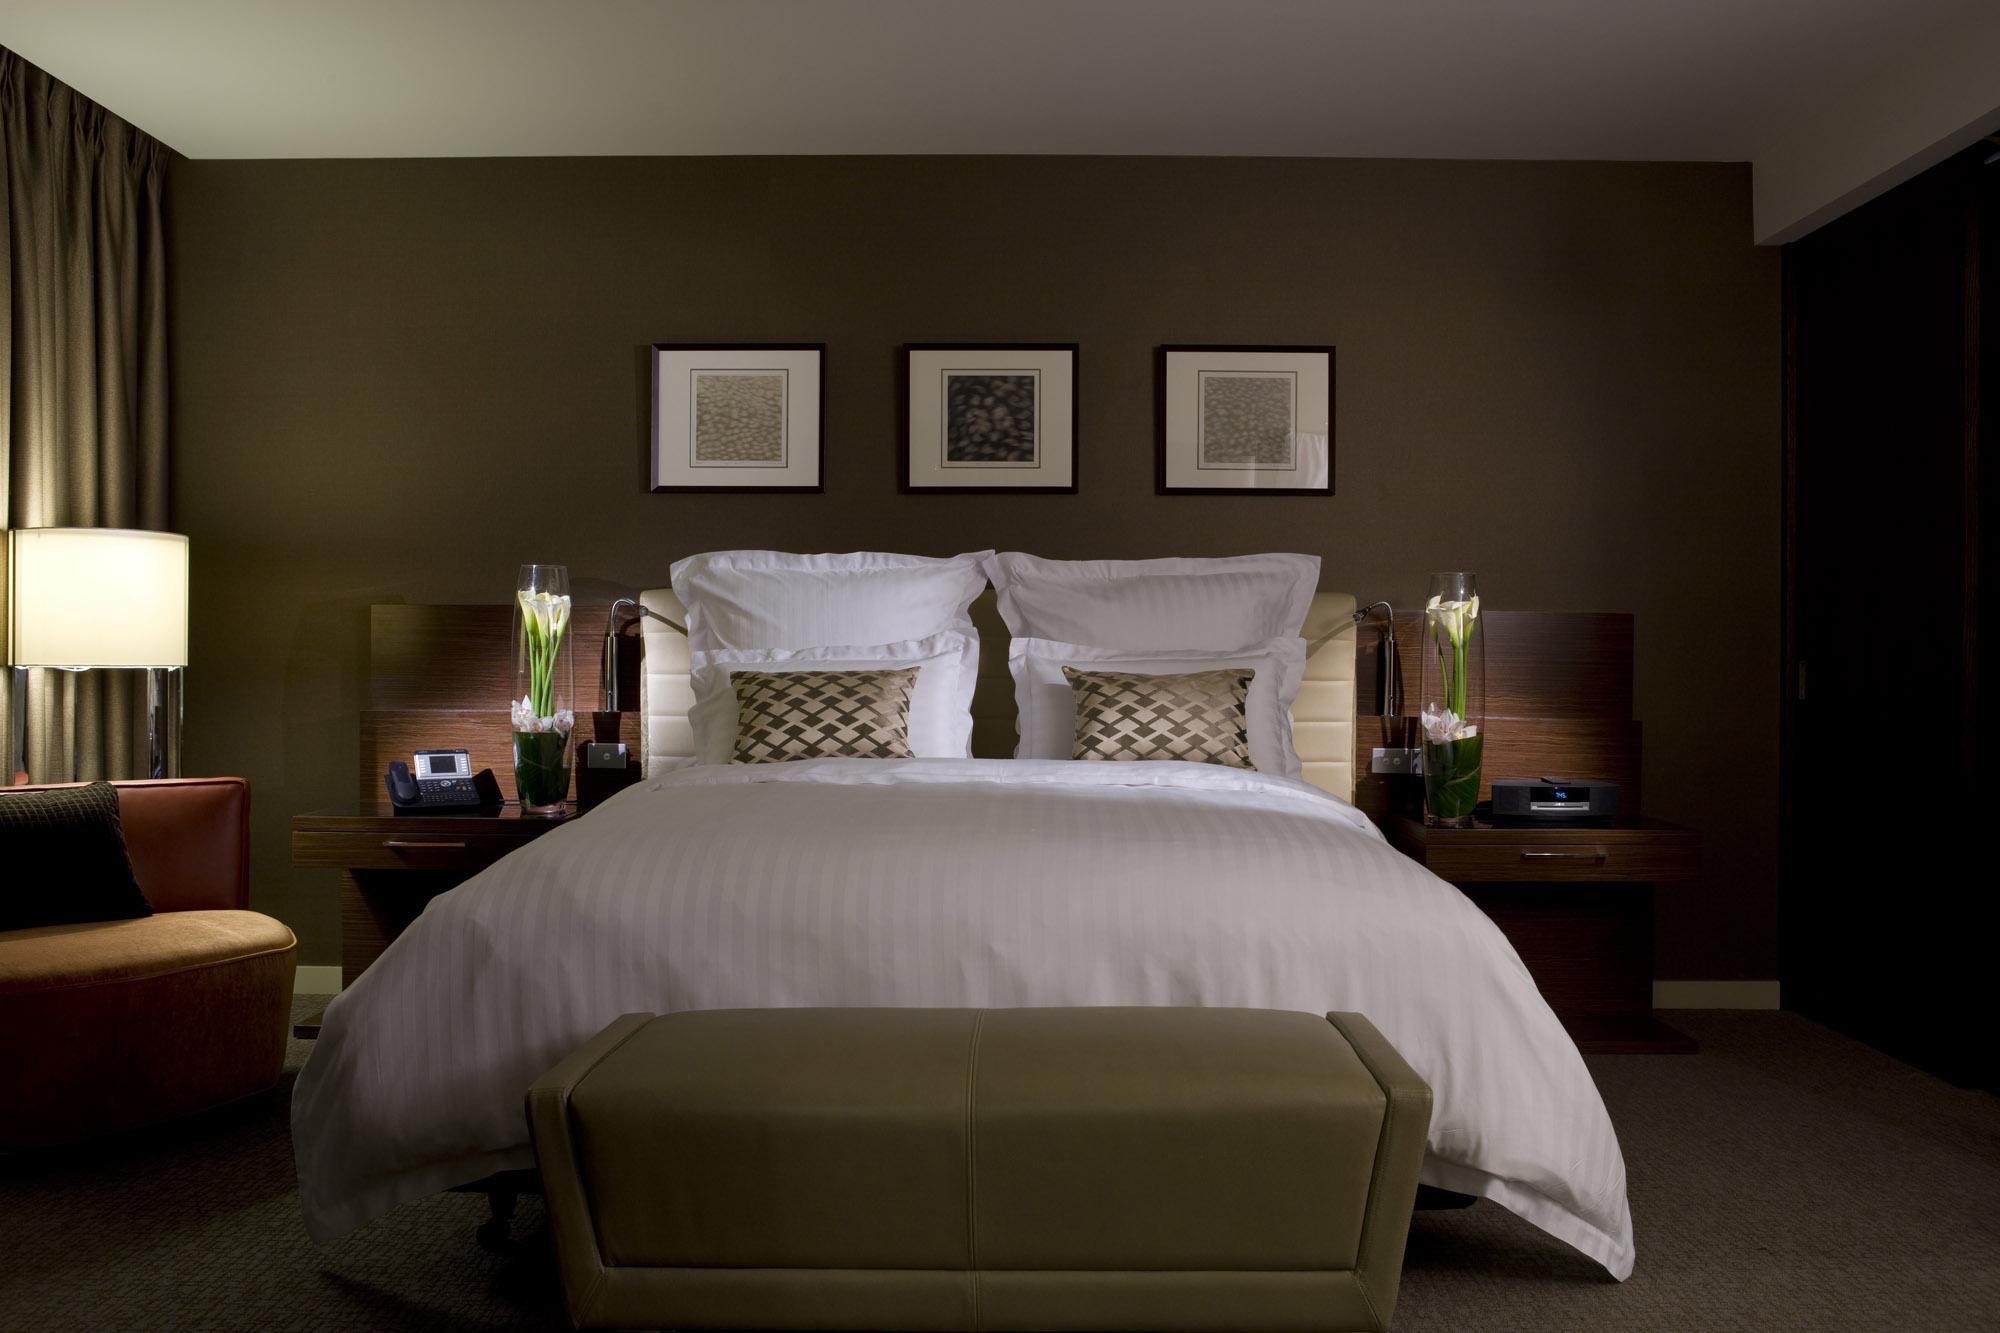 Hotel Bedroom Ideas | Nrtradiant.com